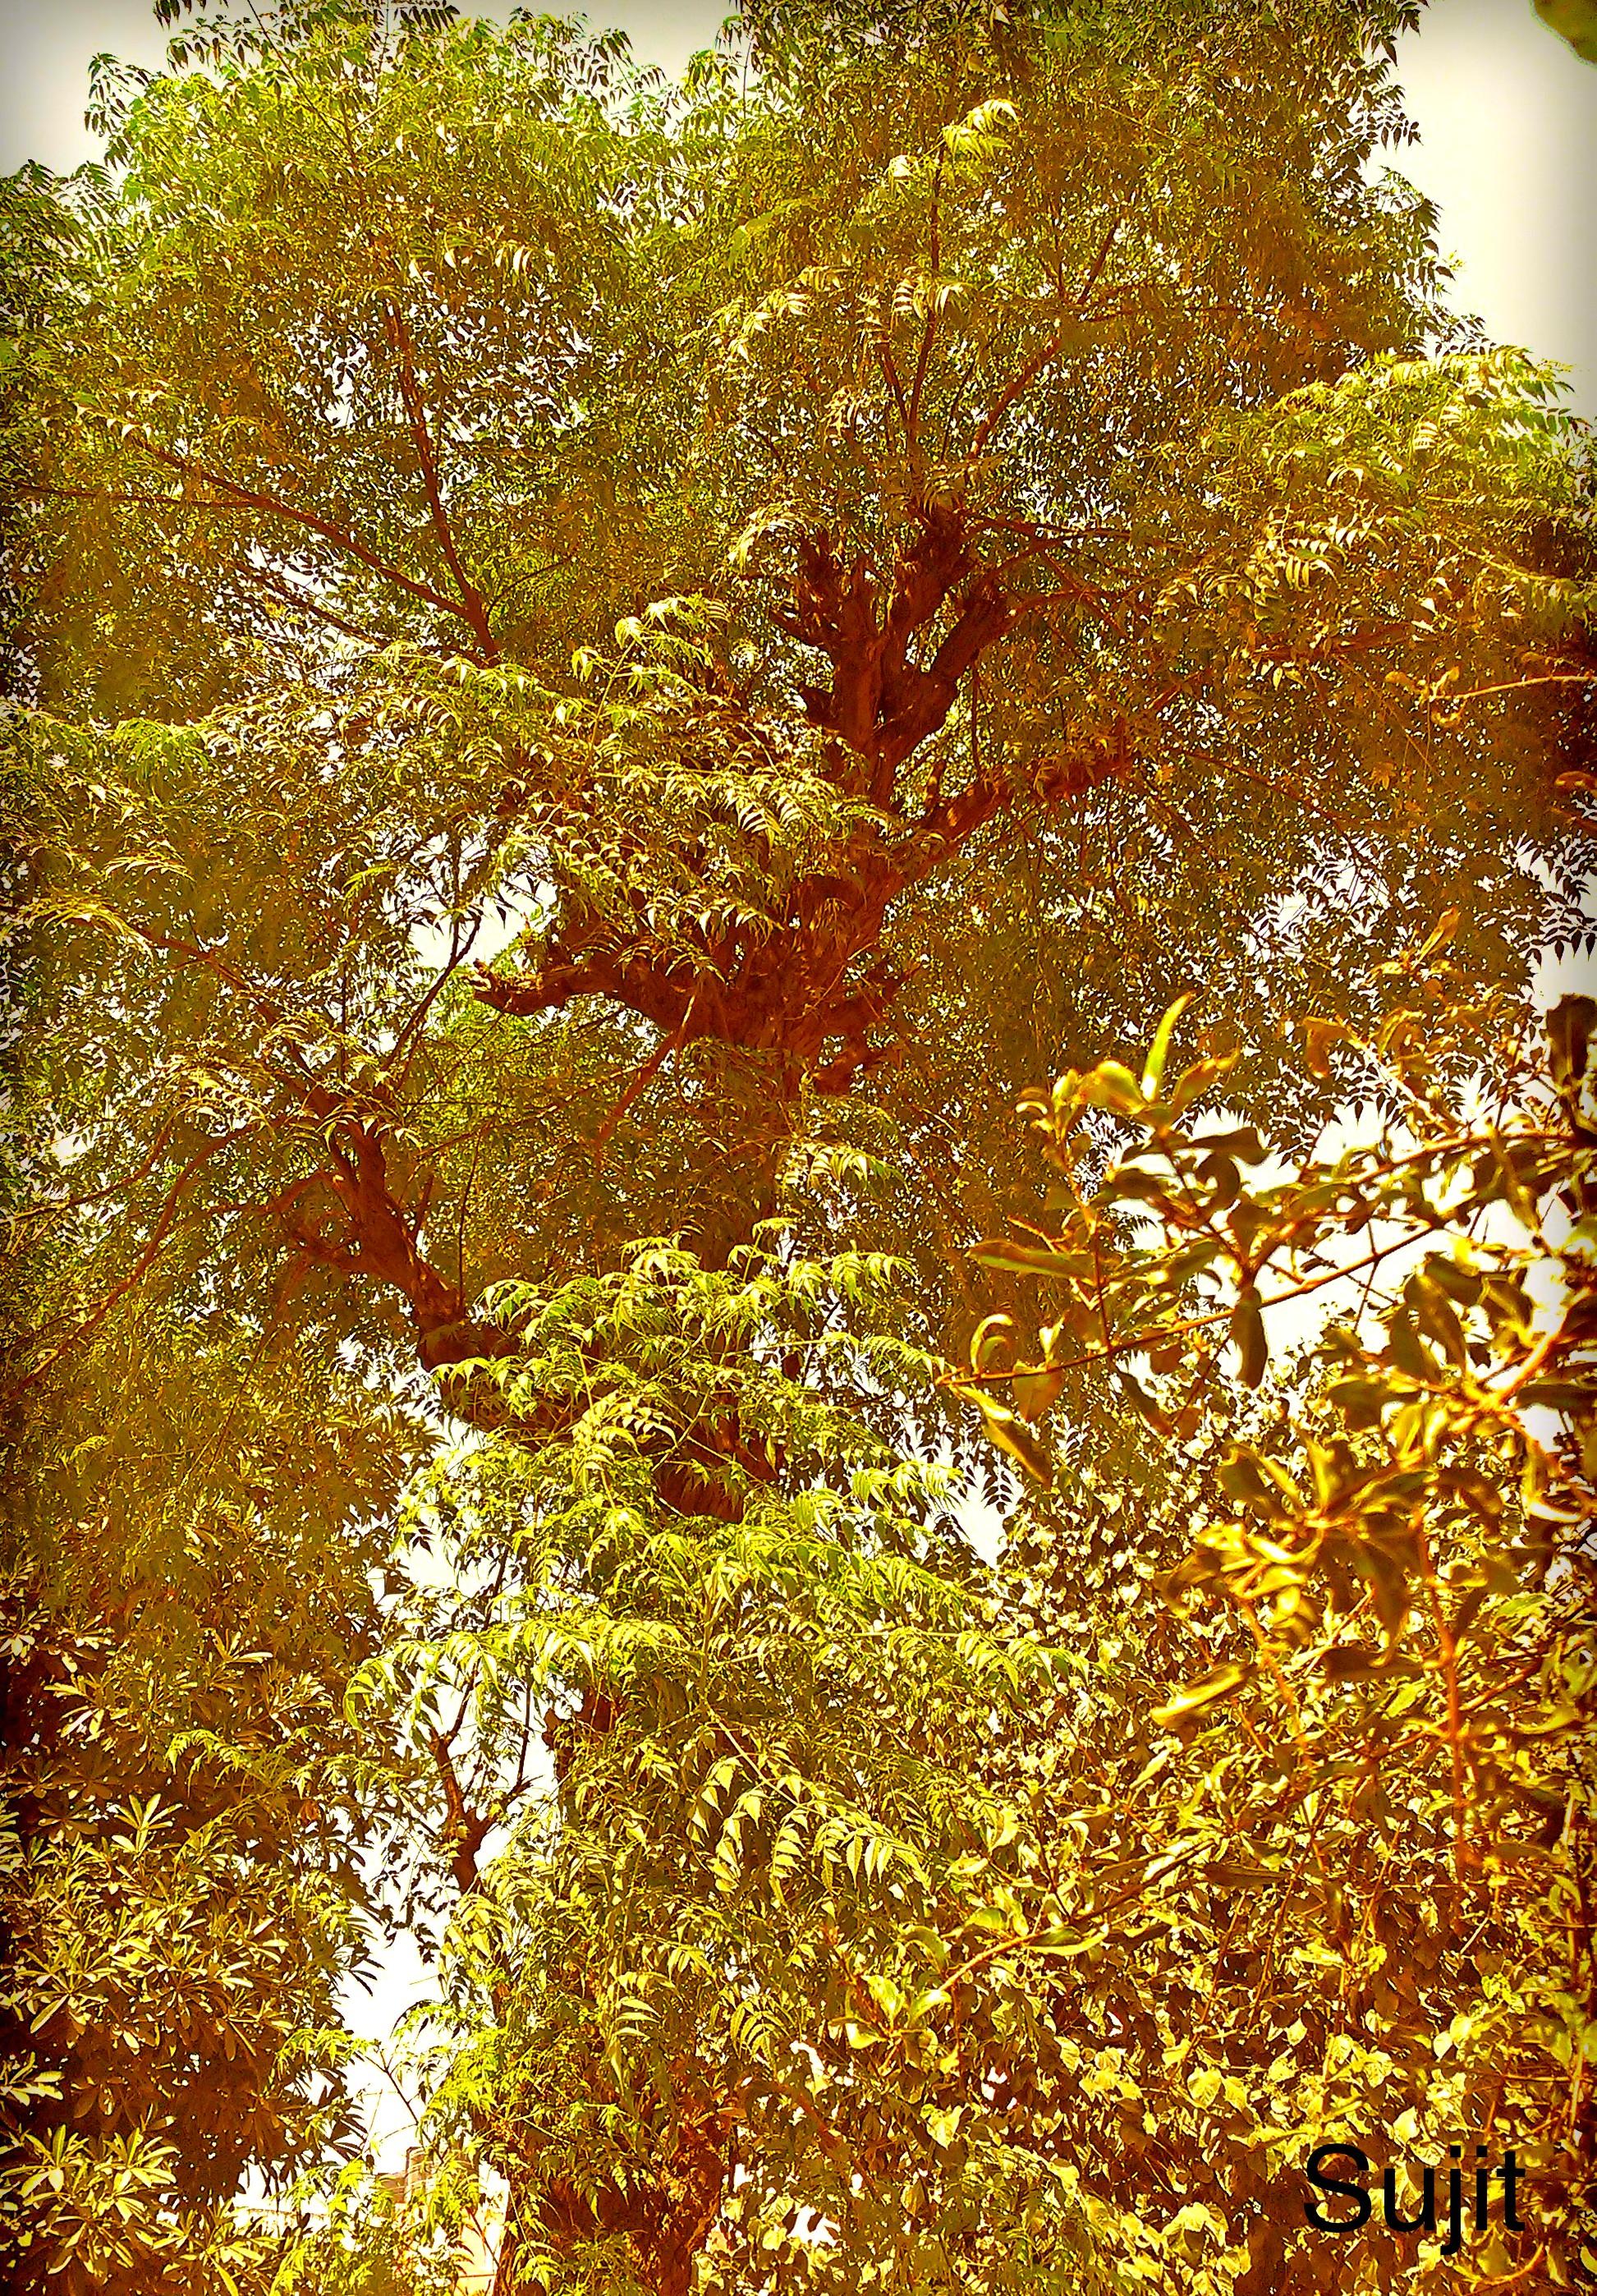 Hindi Poem on Tree Life